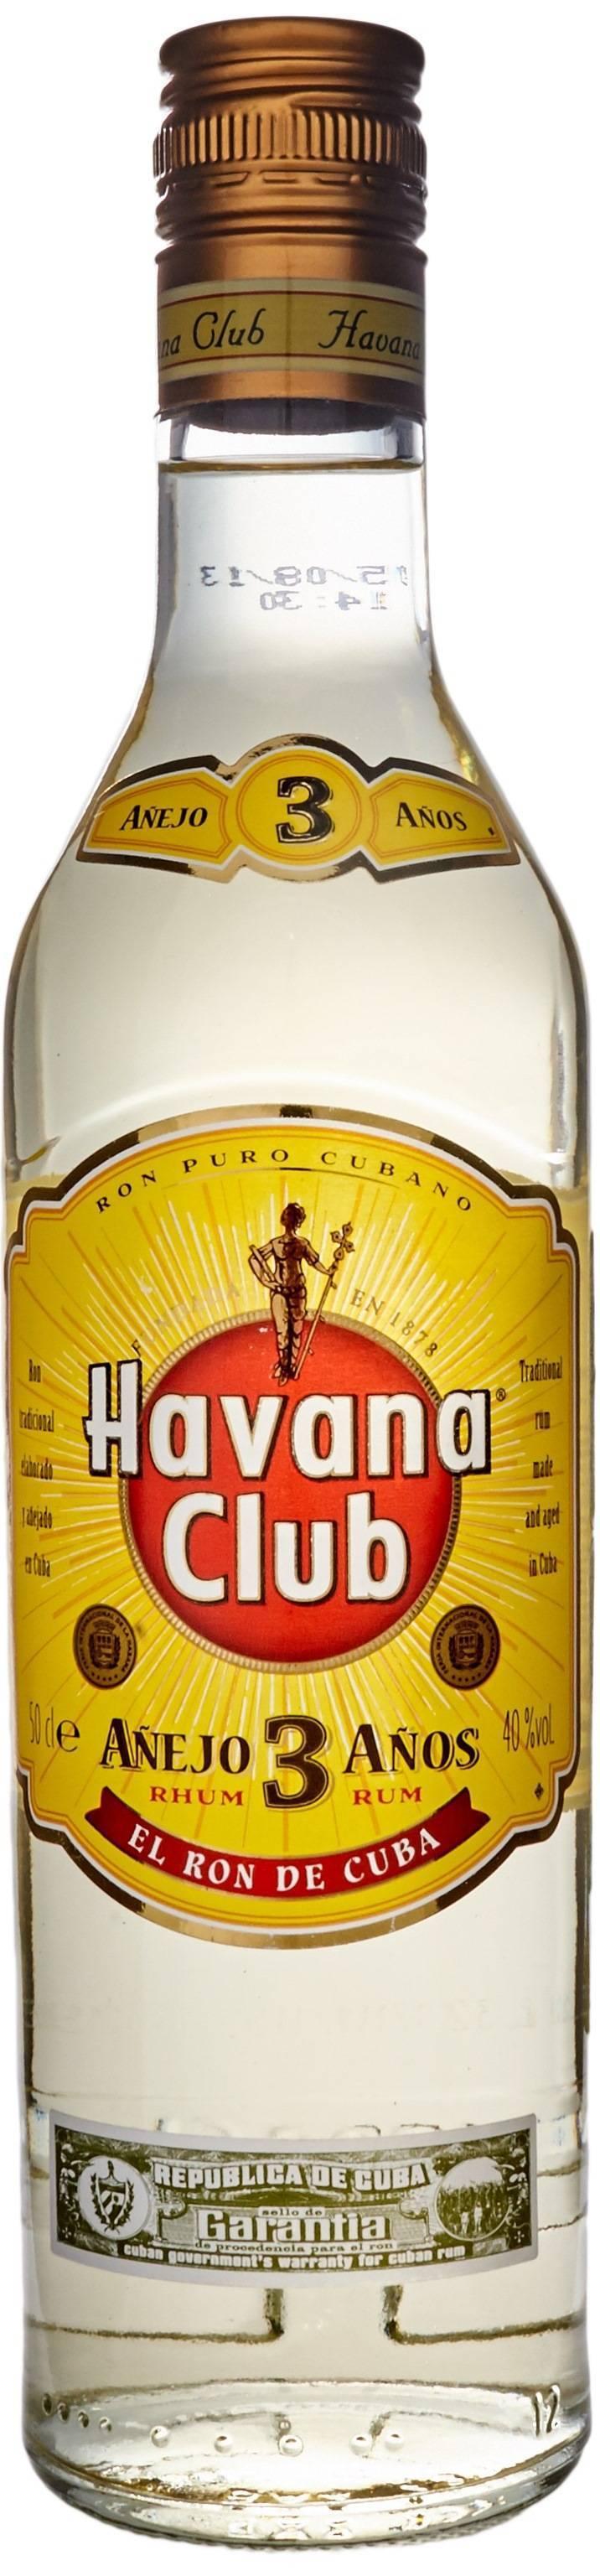 Ром гавана клуб: история, как делают, виды + интересные факты